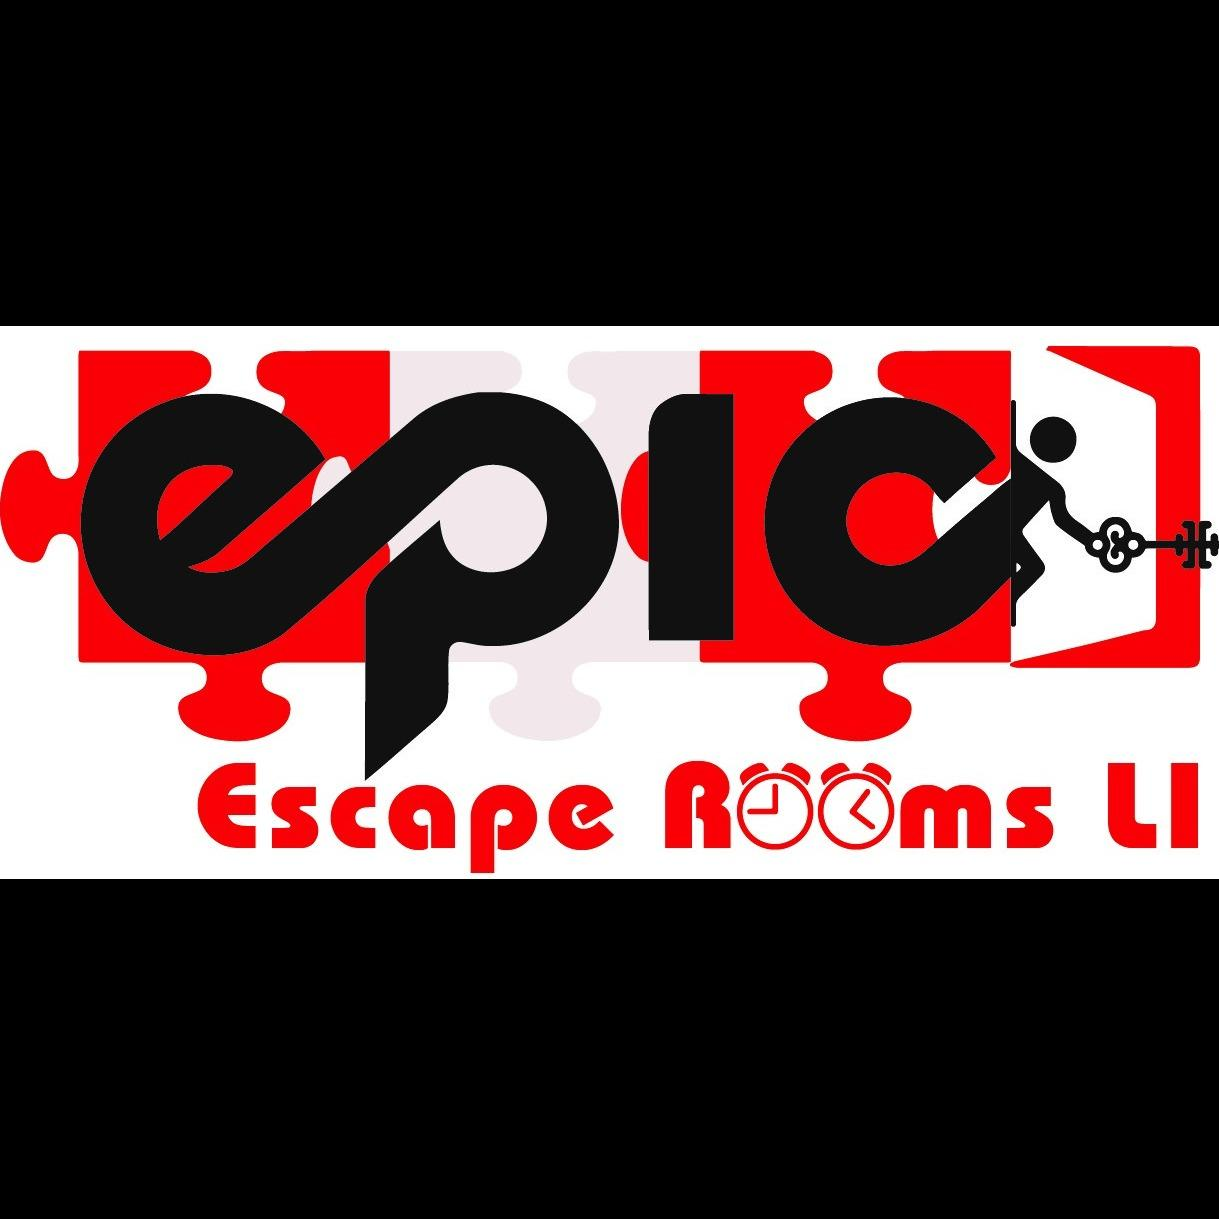 Epic Escape Rooms LI image 6